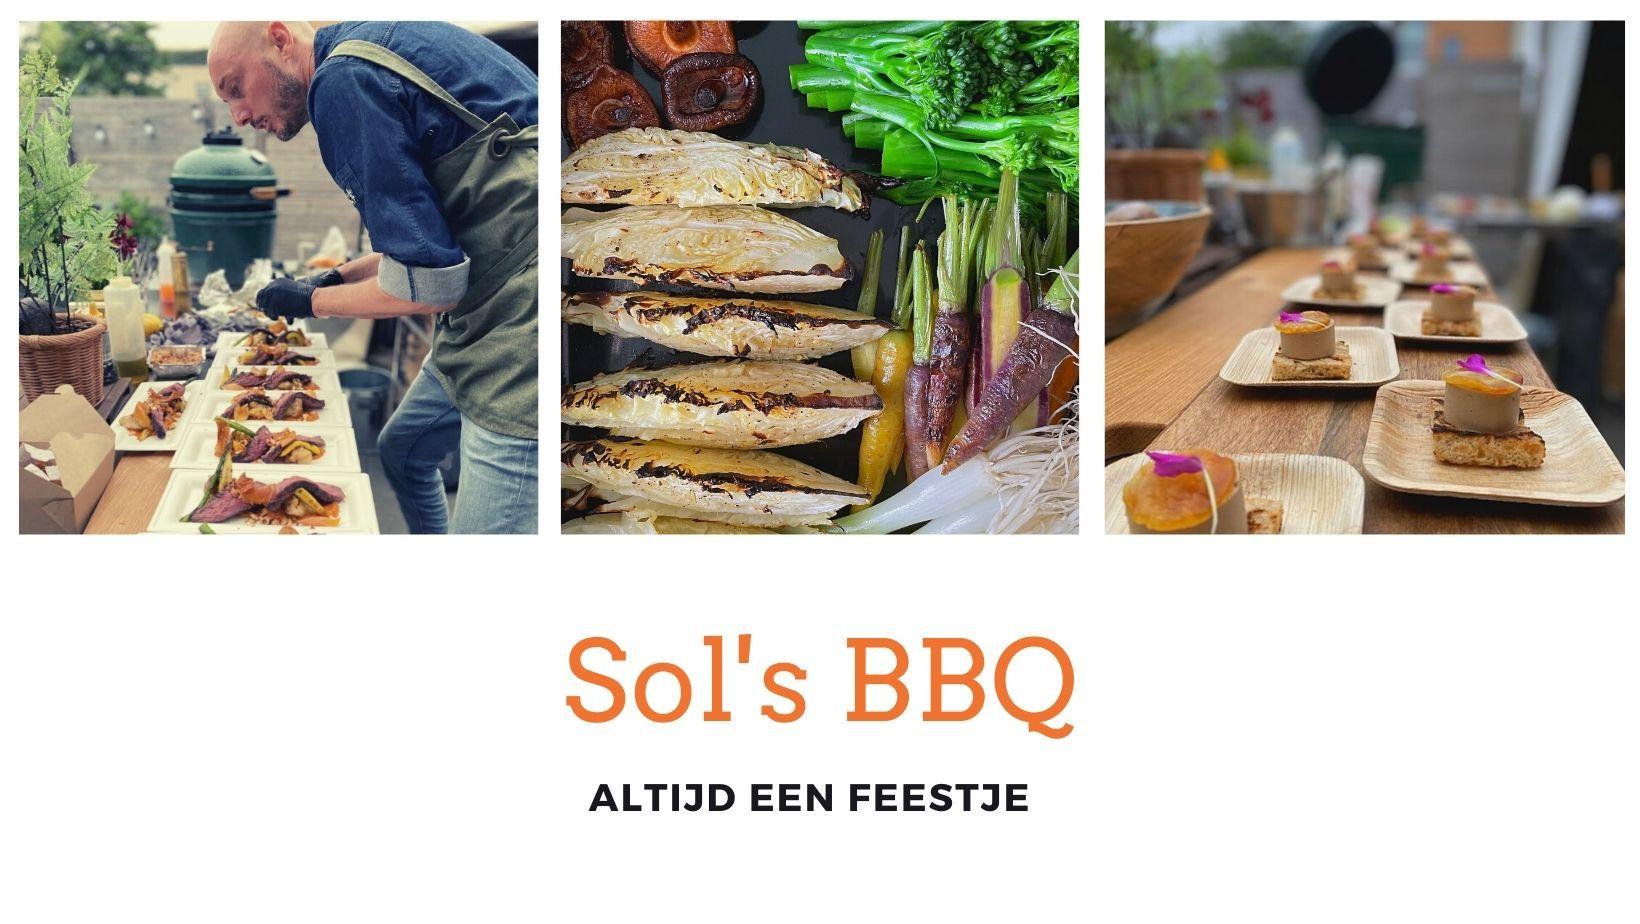 Sol's BBQ